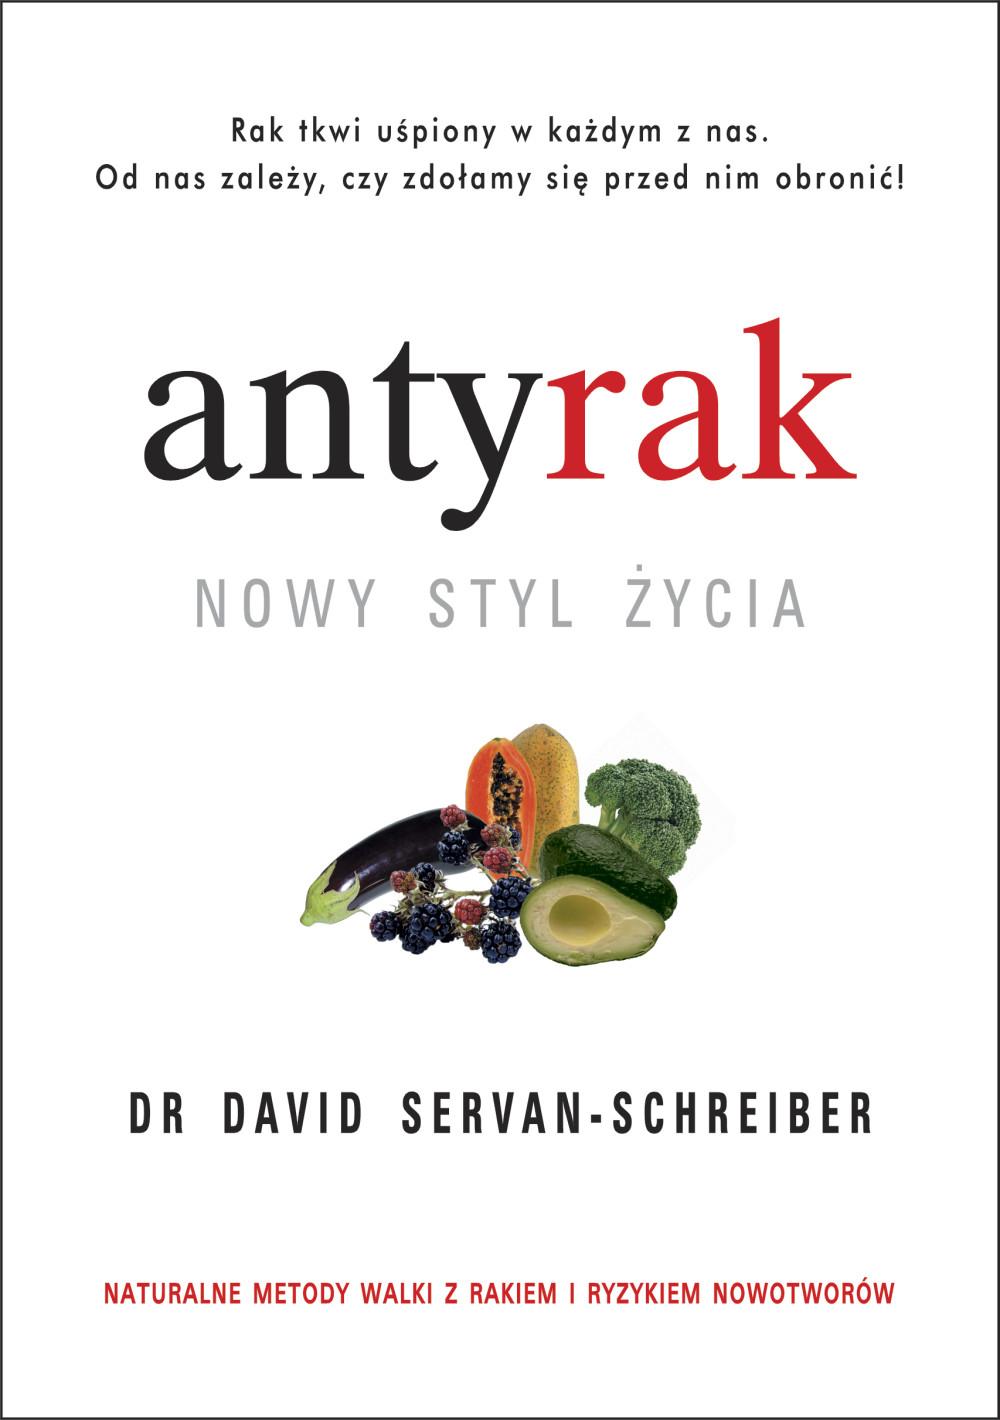 :: ANTYRAK. NOWY STYL ŻYCIA - e-book ::